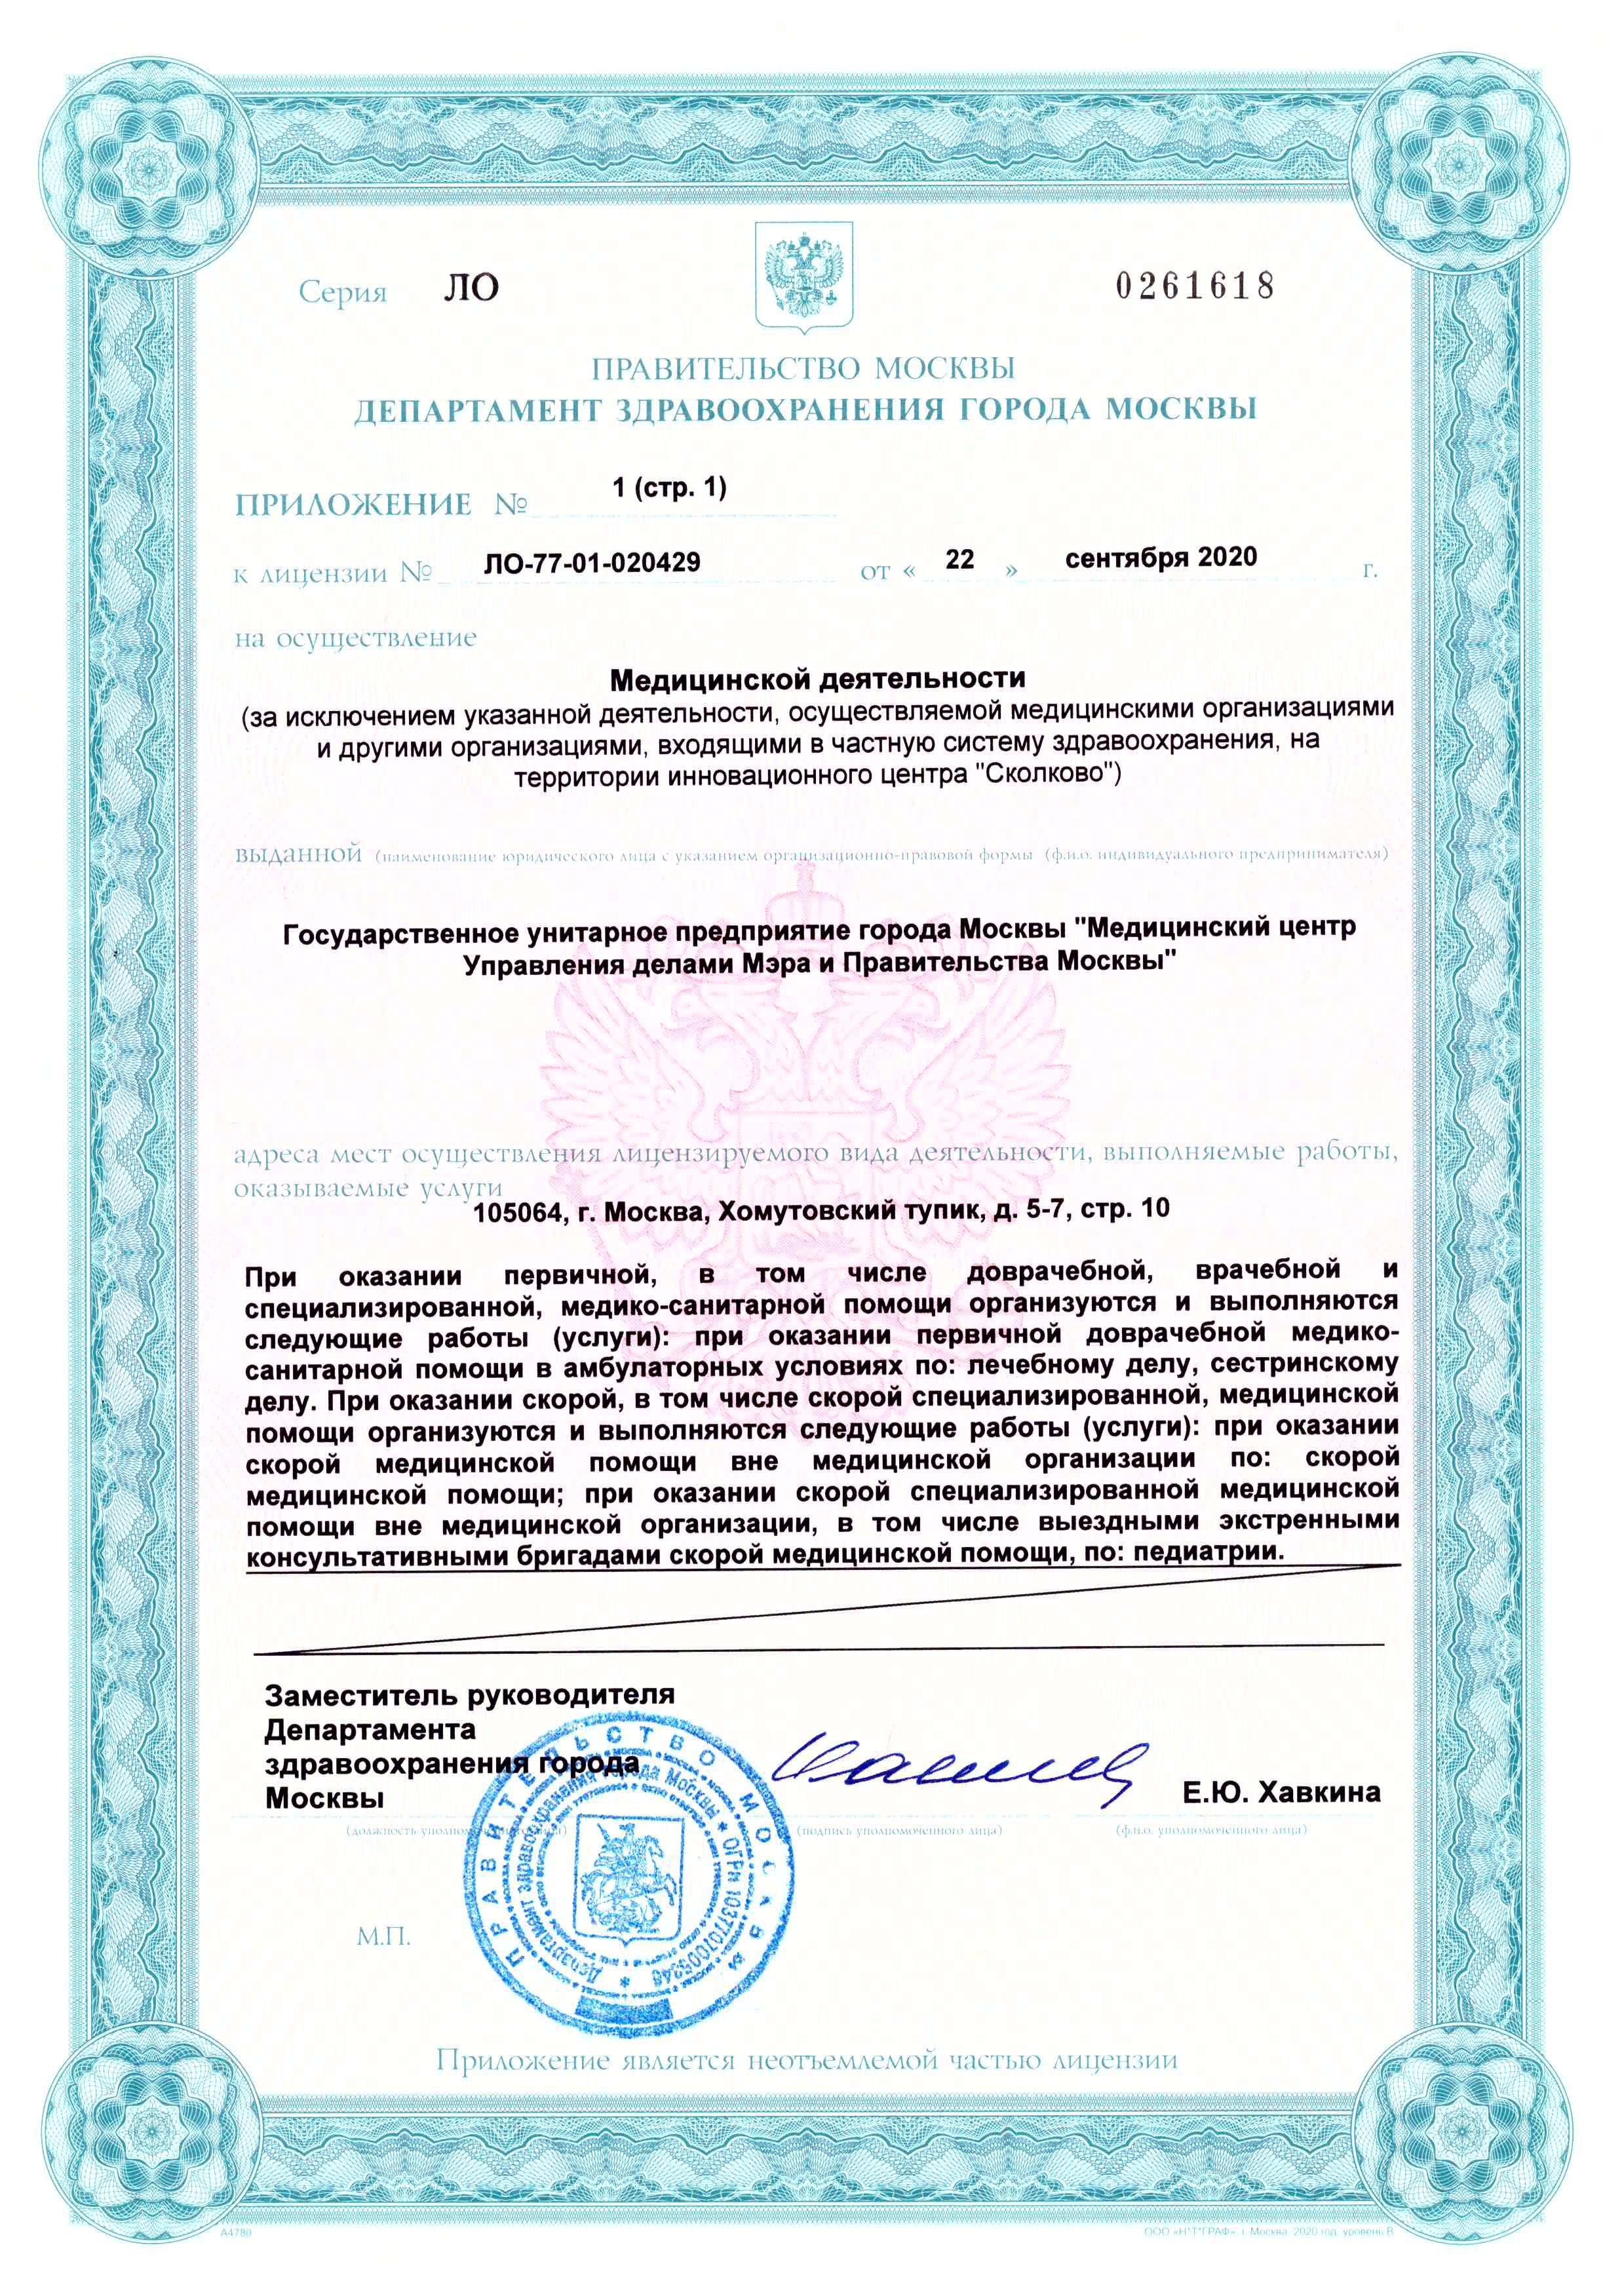 license_lo-50-01-011506.jpg